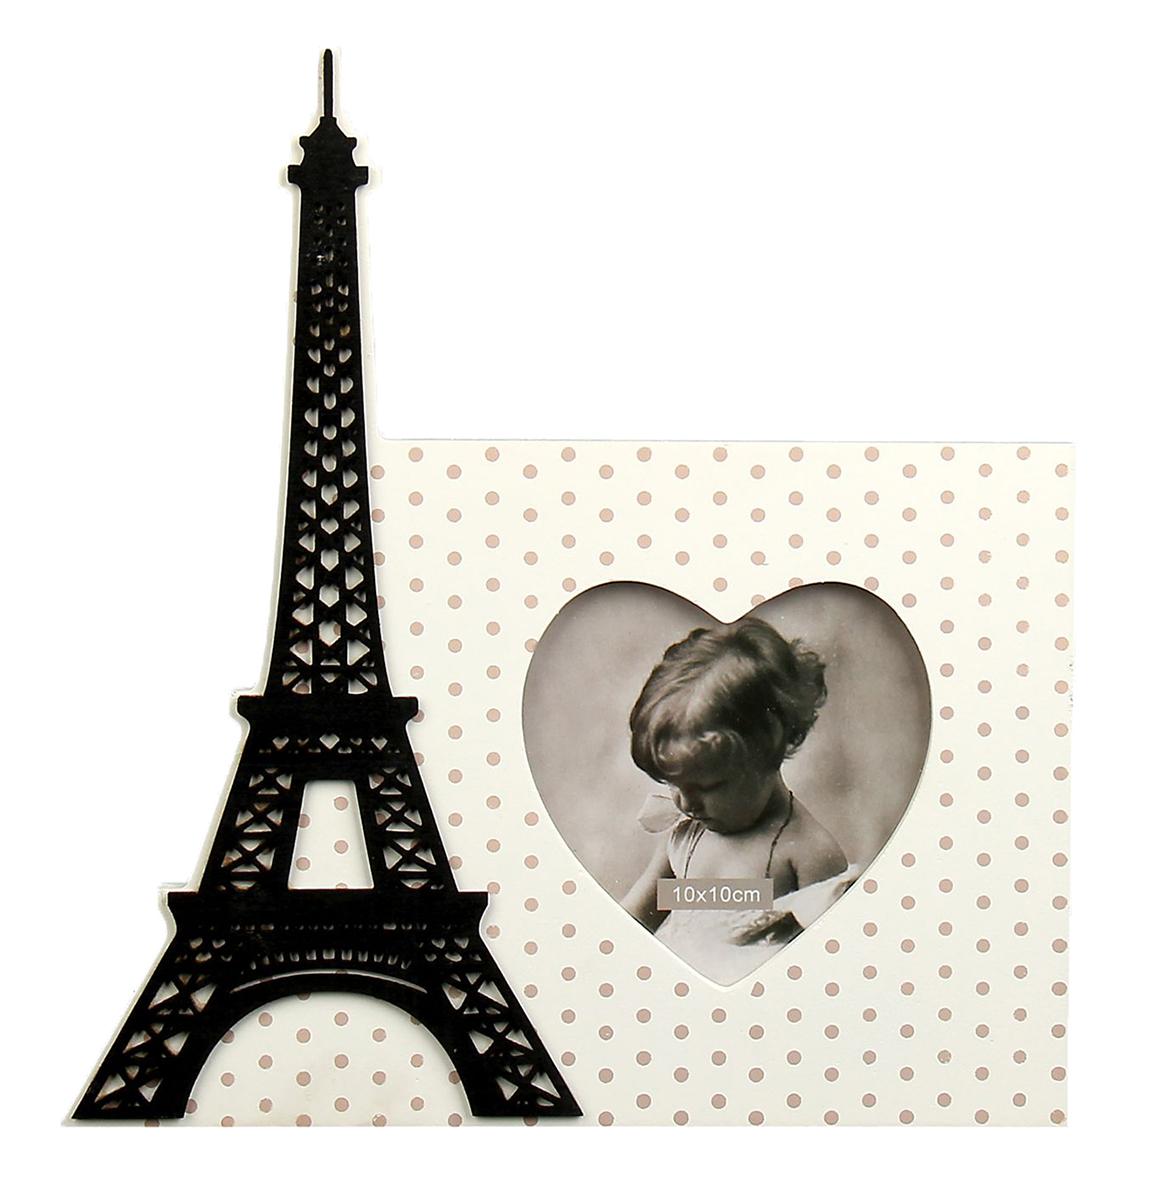 Фоторамка Эйфелева башня. 157956157956Французский стиль поистине неповторим: в нем причудливо сочетаются подлинный шик и нарочитая простота. Бывали ли Вы в самом сердце Франции – блистательном Париже – или только собираетесь его посетить – он очаровывает и на расстоянии и невольно заставляет мечтать о свежеиспеченных круассанах, звуках уличного аккордеона и корабликах, плывущих по Сене. Стильная фоторамка, украшенная изображением одного из главных символов Франции, позволит привнести в интерьер парижский шик и неповторимый стиль. Фоторамка Эйфелева башня 10х10 см – элегантный и функциональный сувенир.